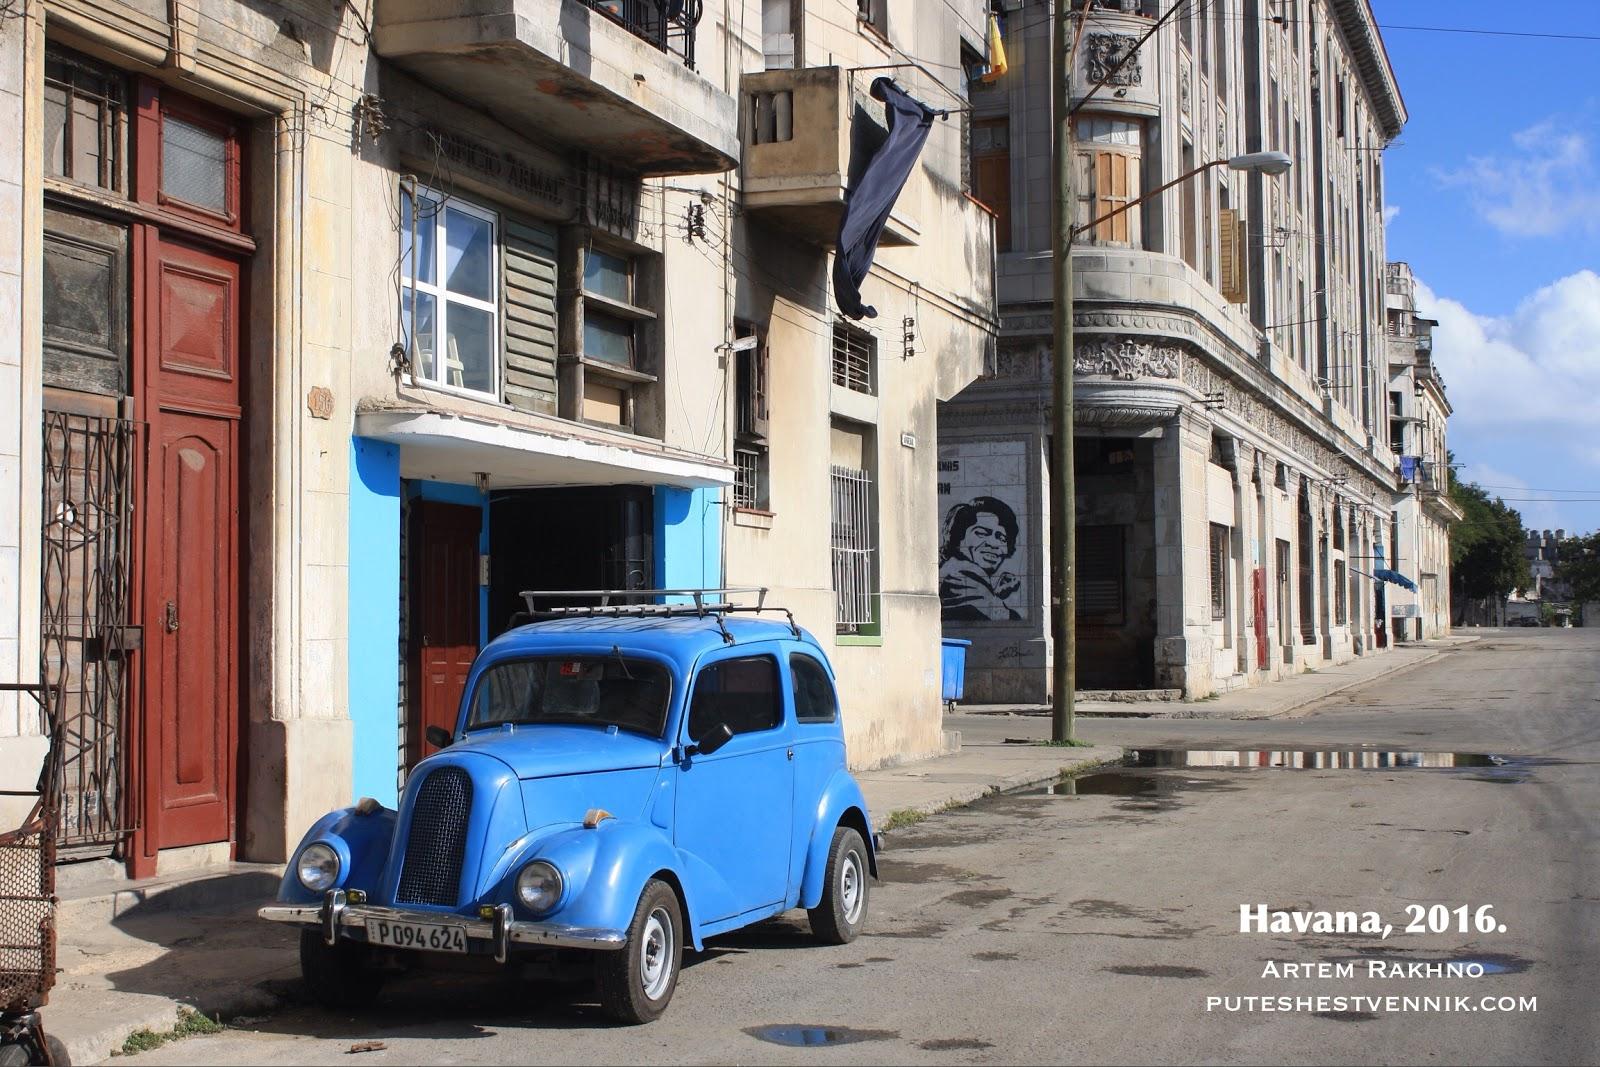 Старый автомобиль на улице в Гаване